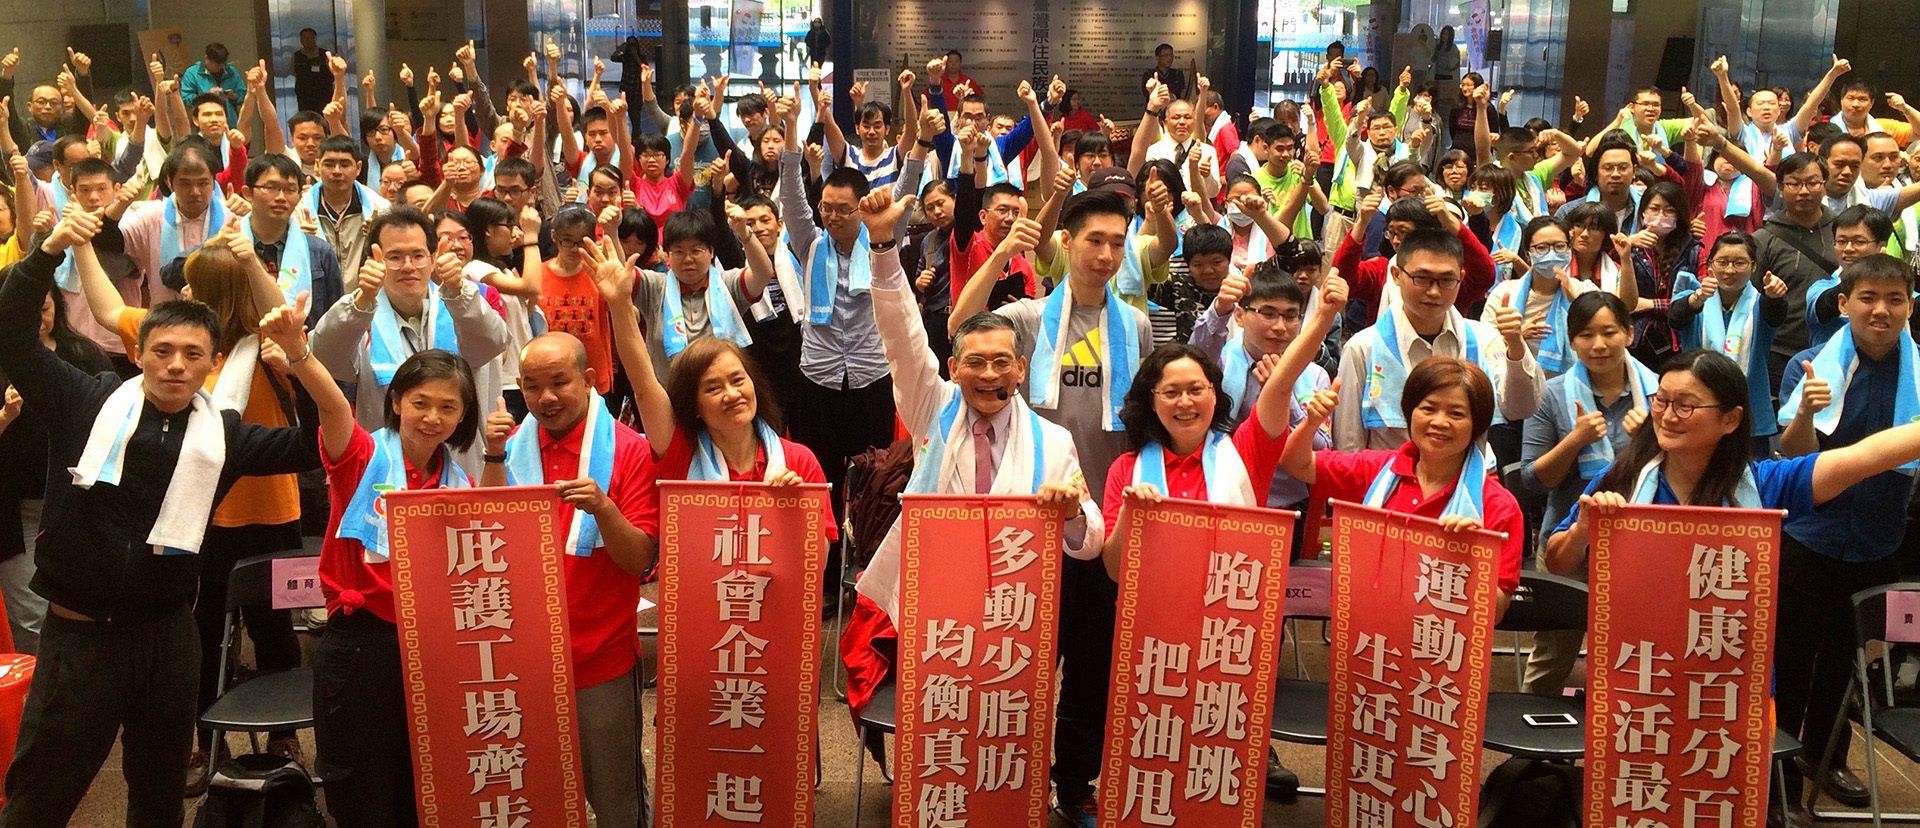 庇護工場及社會企業職場健康管理起跑活動